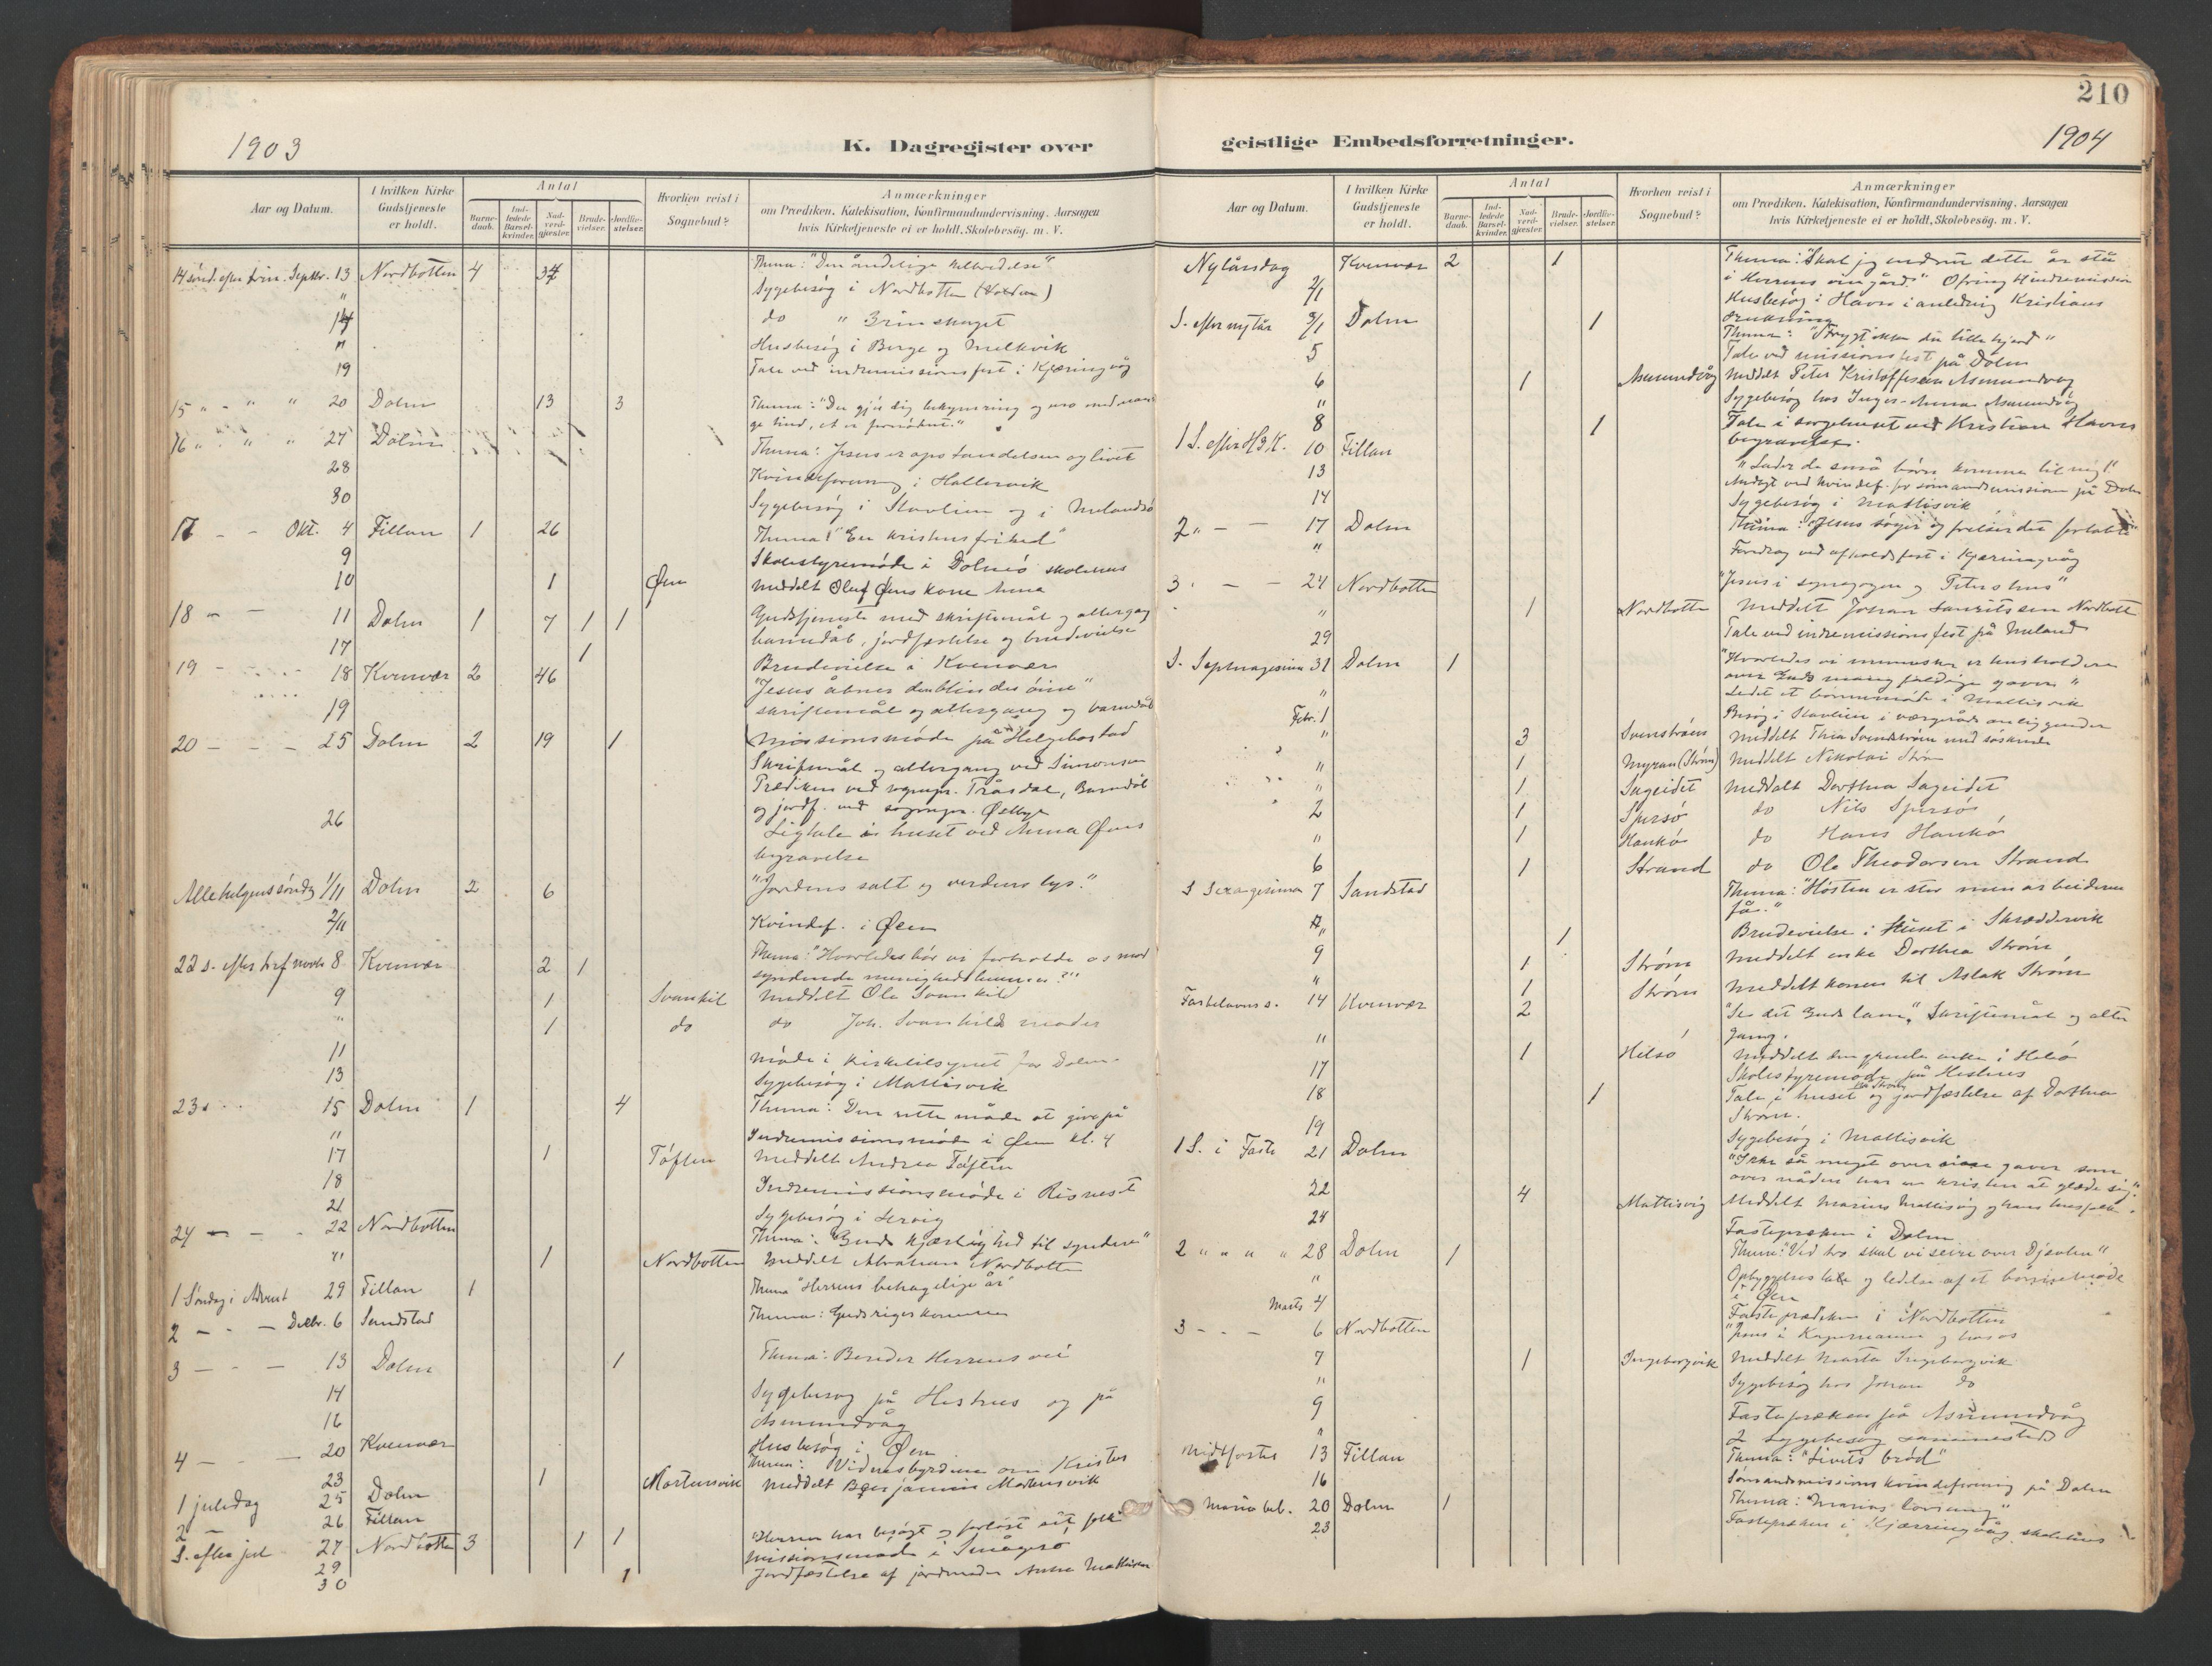 SAT, Ministerialprotokoller, klokkerbøker og fødselsregistre - Sør-Trøndelag, 634/L0537: Ministerialbok nr. 634A13, 1896-1922, s. 210